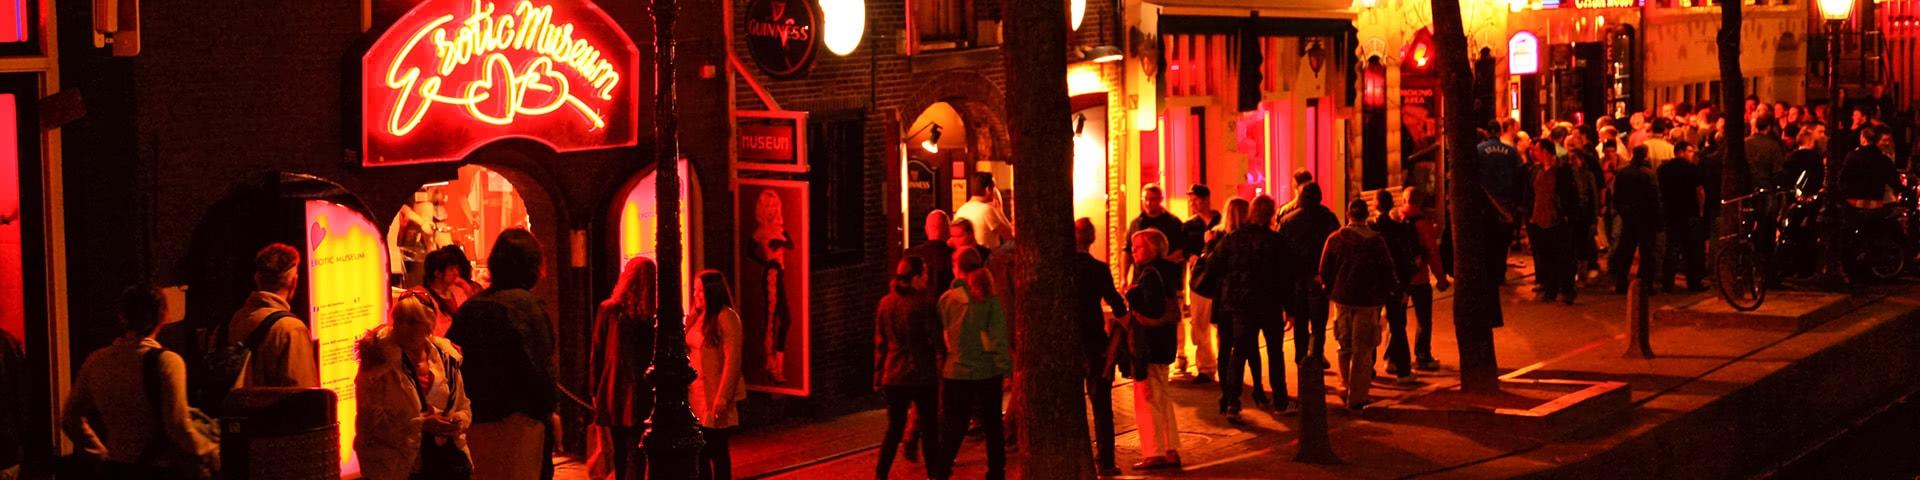 Amsterdam Rotlichtviertel bei Nacht